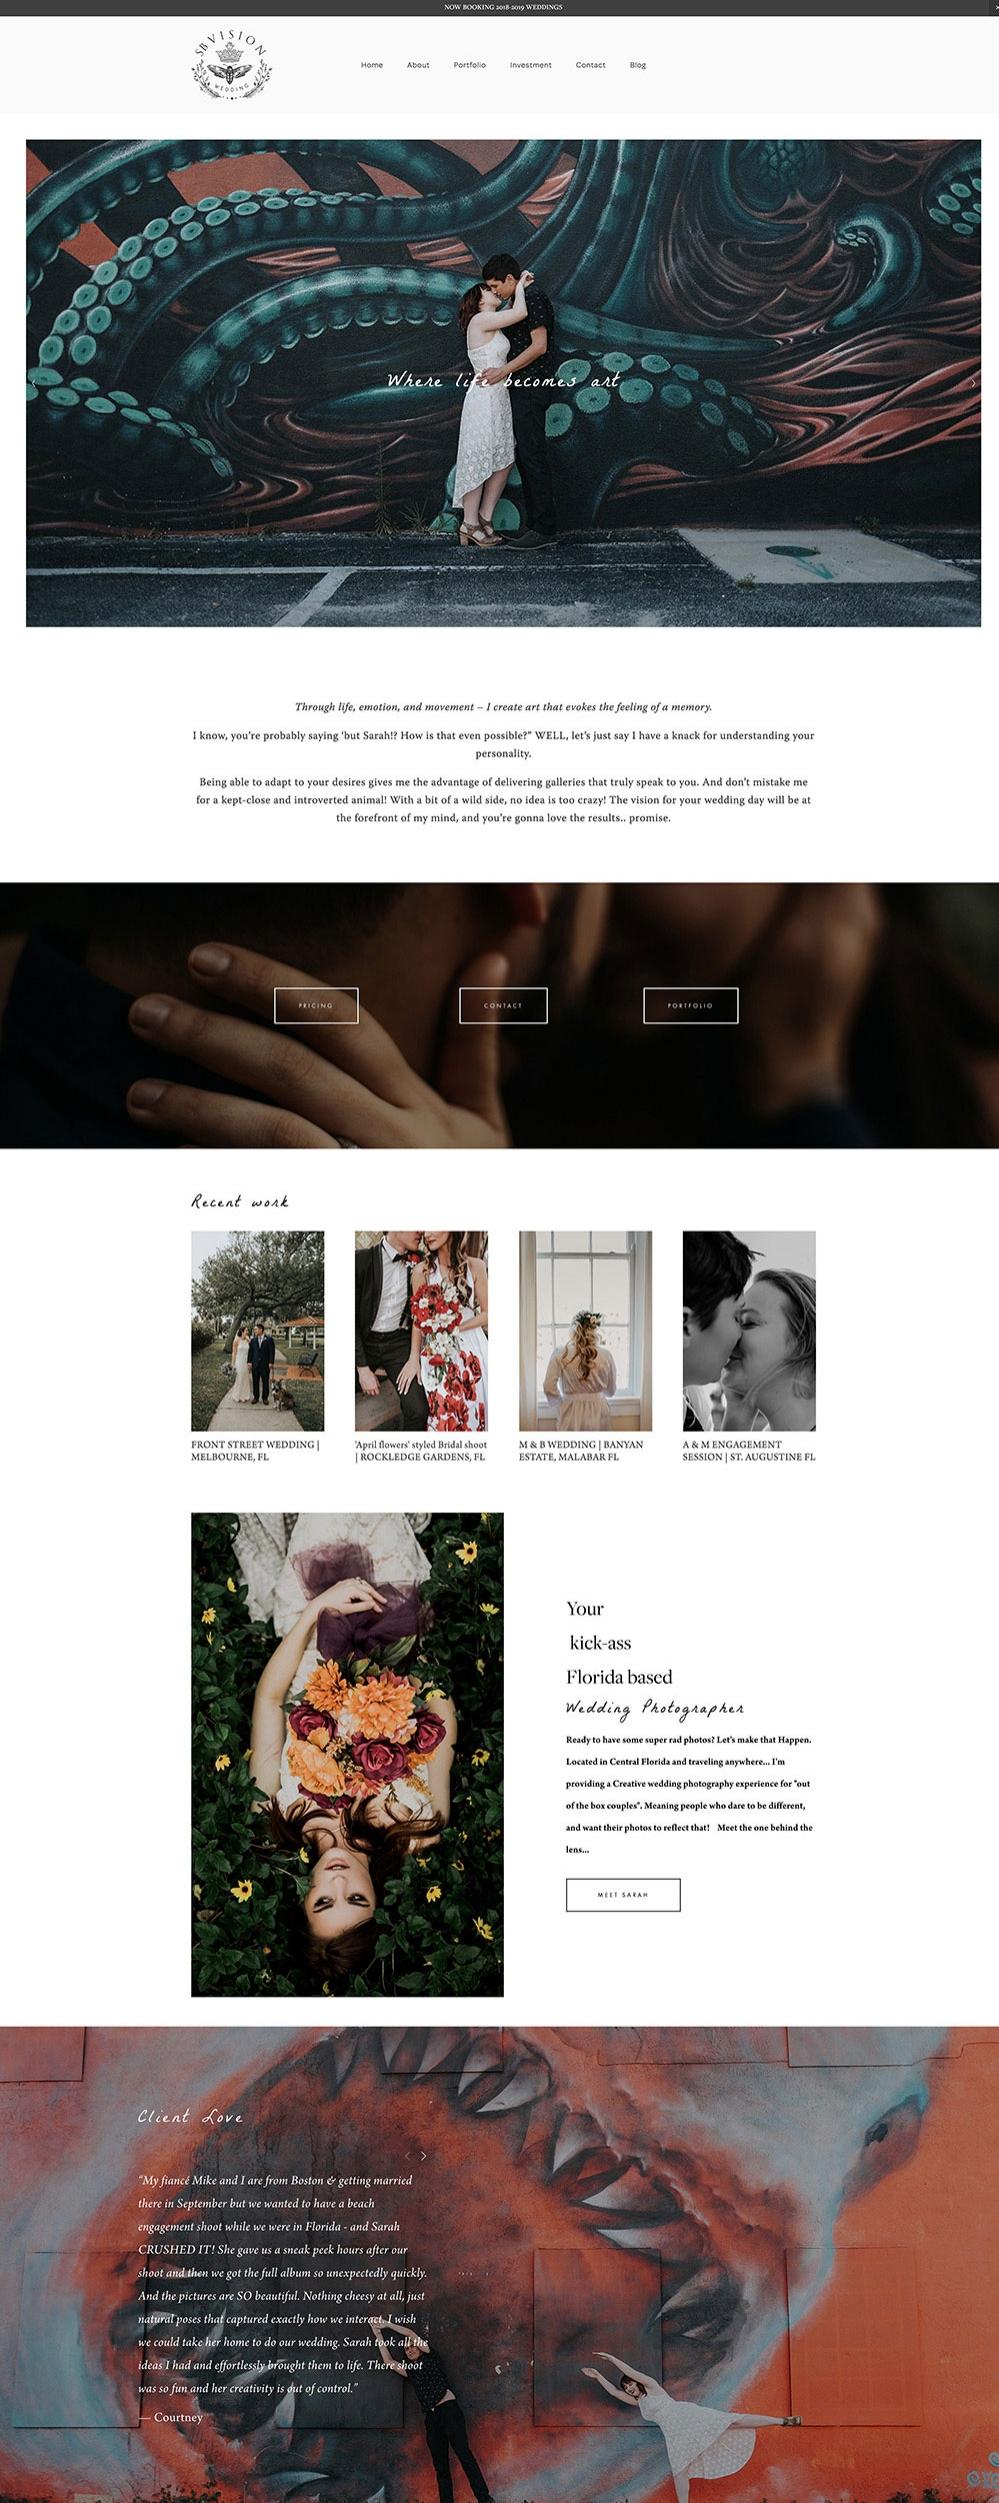 SB Vision home page.jpg